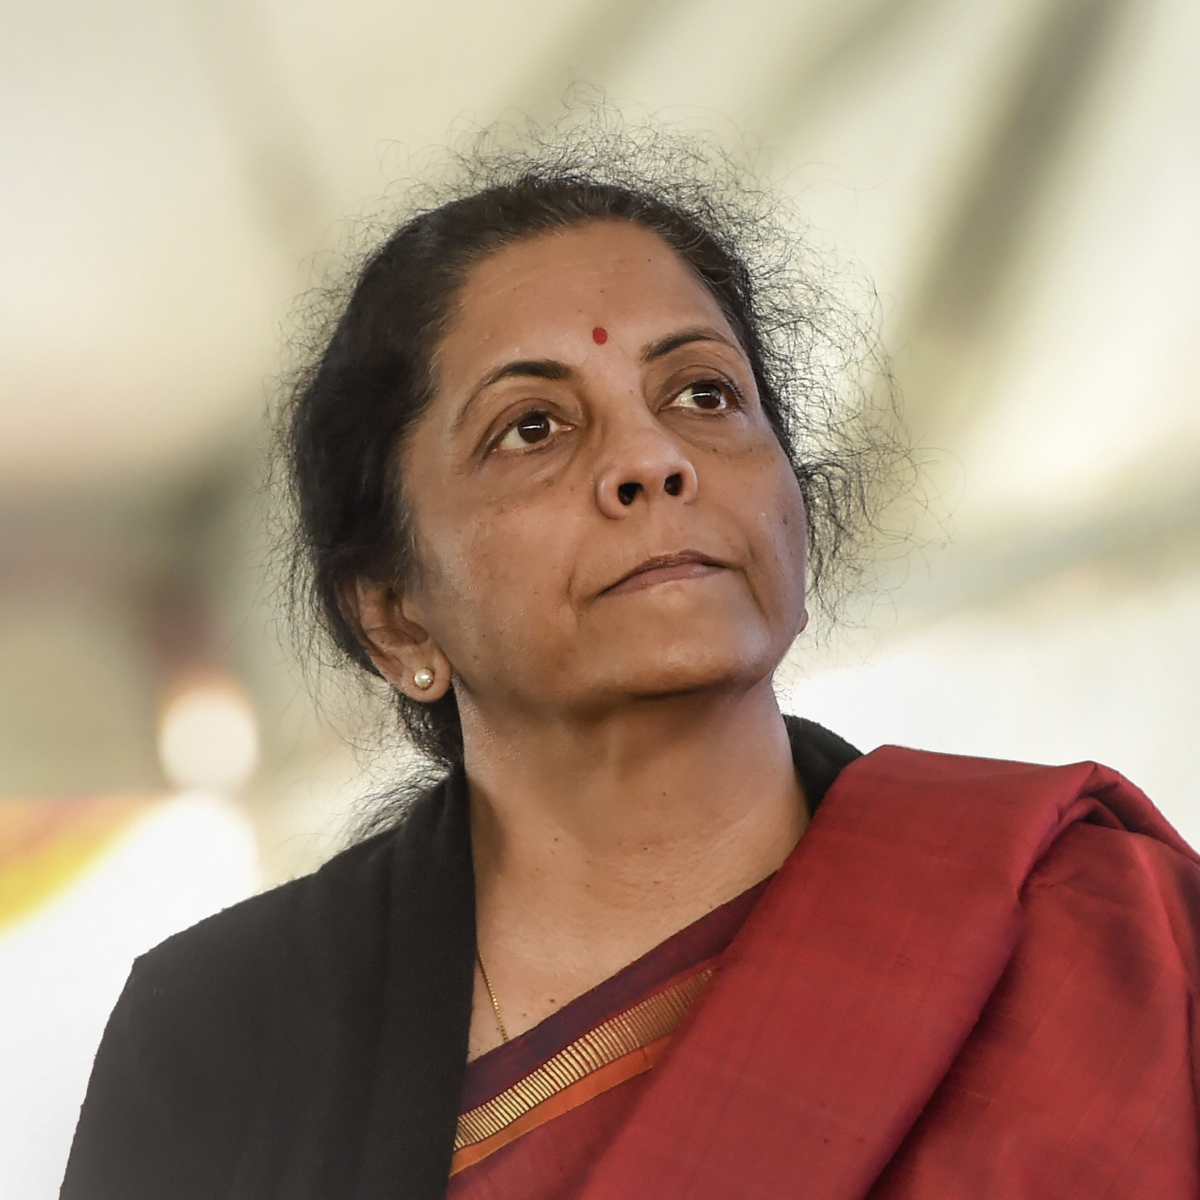 FM Nirmala Sitharaman announces Rs 1.70 lakh crore economic stimulus package